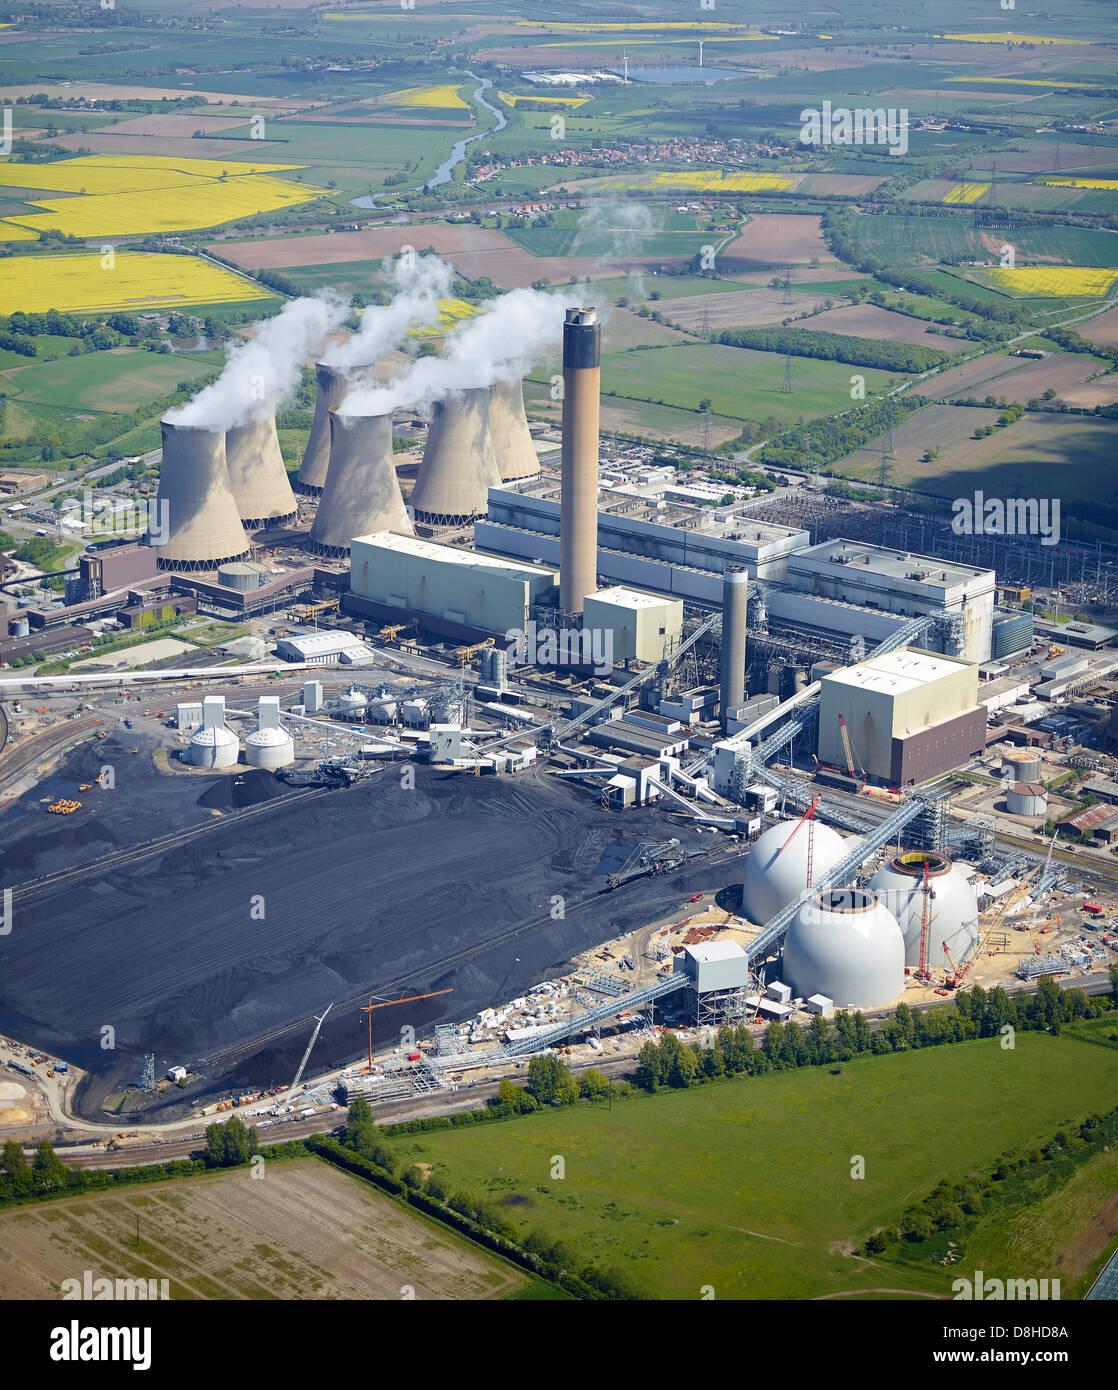 Lagereinheiten für Biomasse-Brennstoff am Kraftwerk Drax, Yorkshire, Nordengland gebaut Stockbild